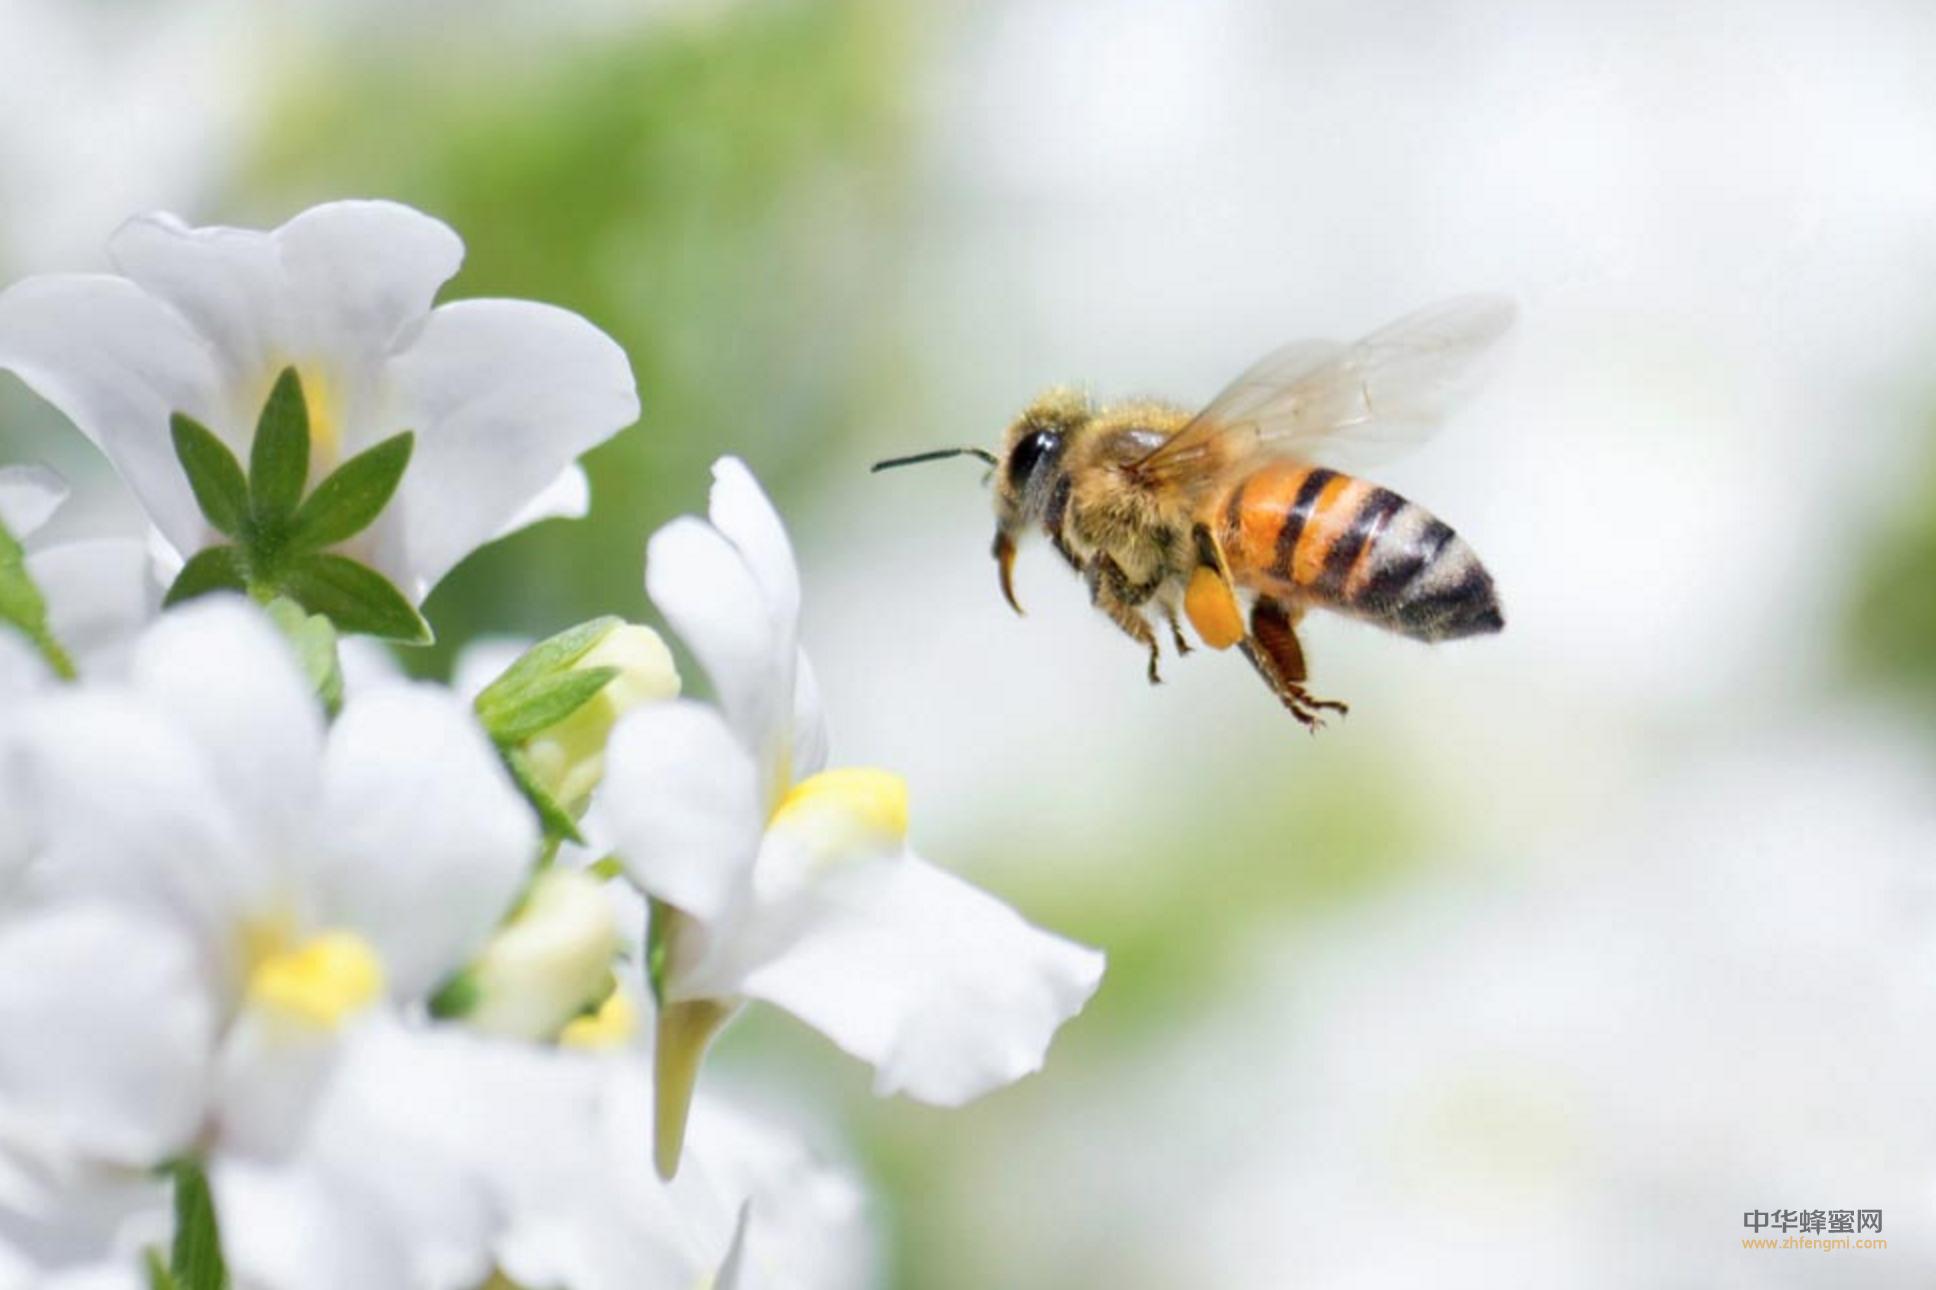 蜜蜂 品种 蜂种 黑蜂 意蜂 中蜂